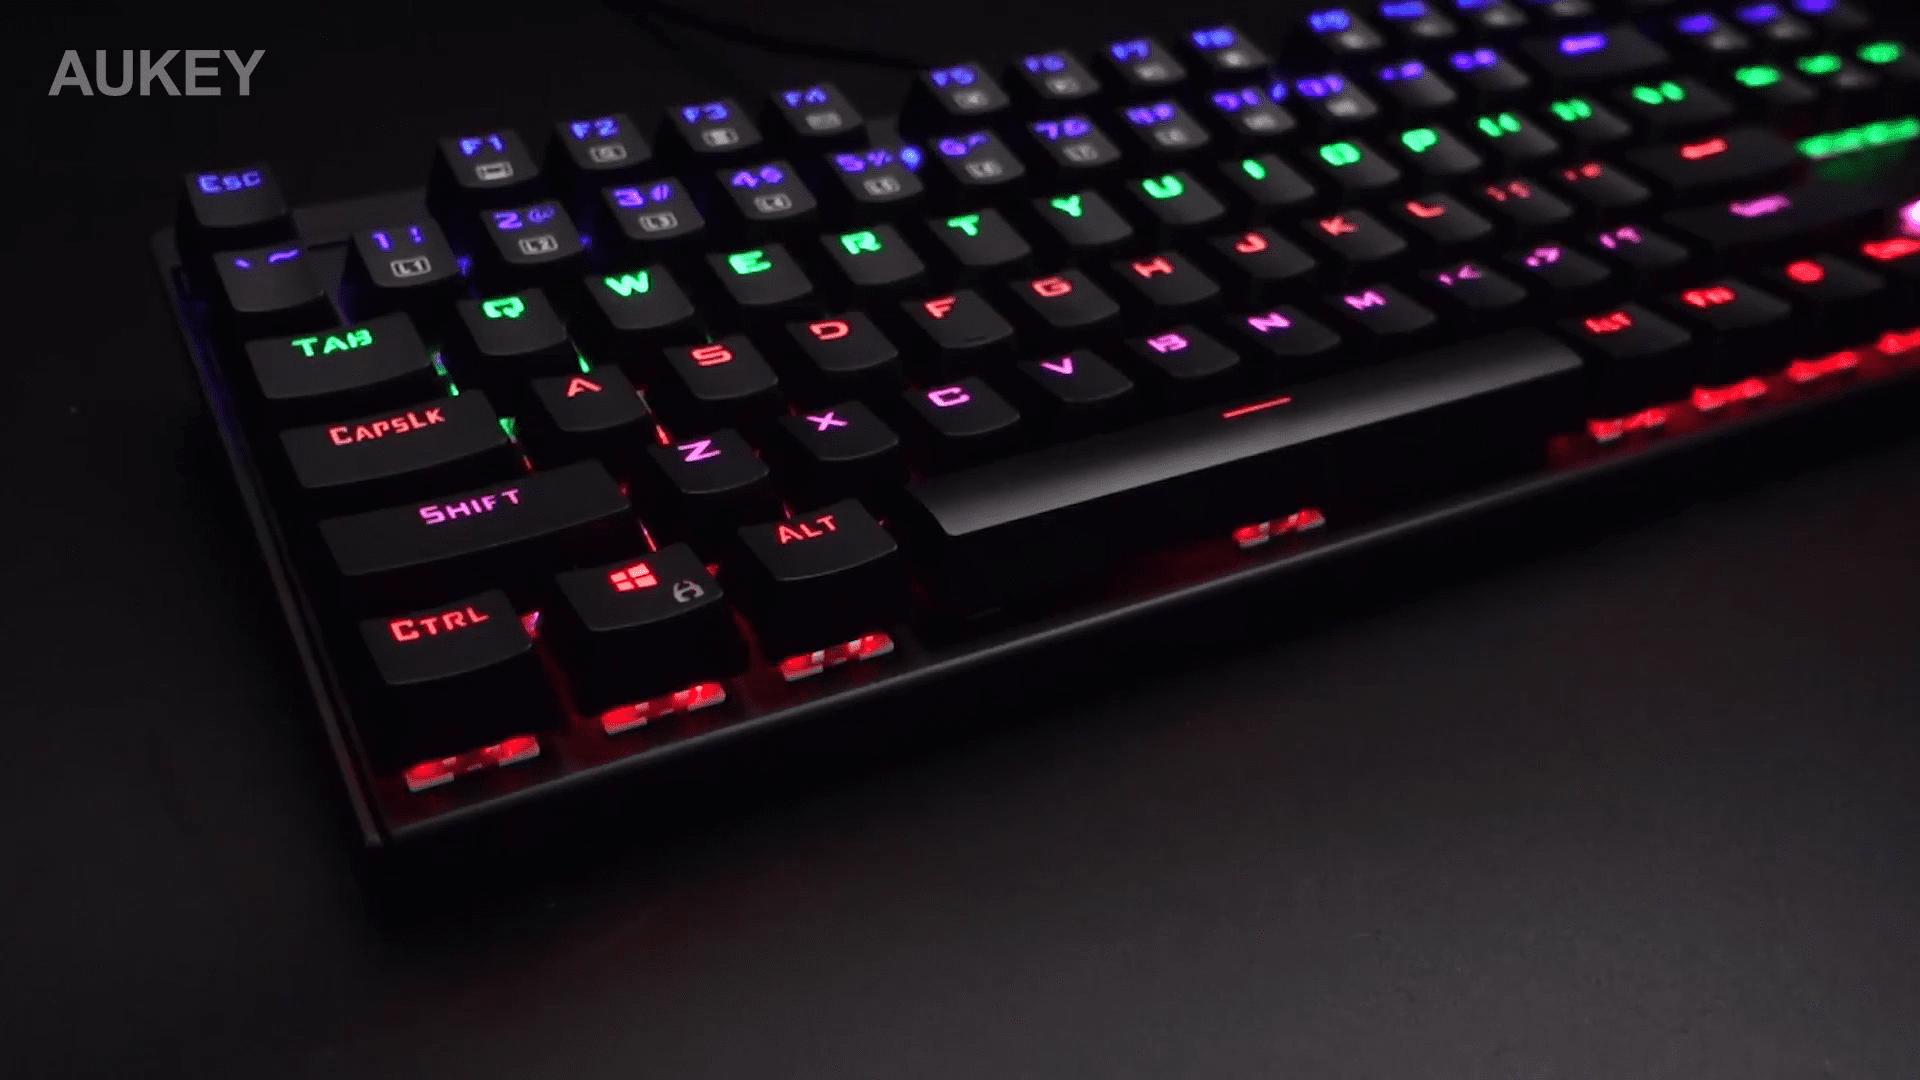 image test du clavier mécaniqueKM-G6 pour gamer Aukey rétroéclairé par LED 14